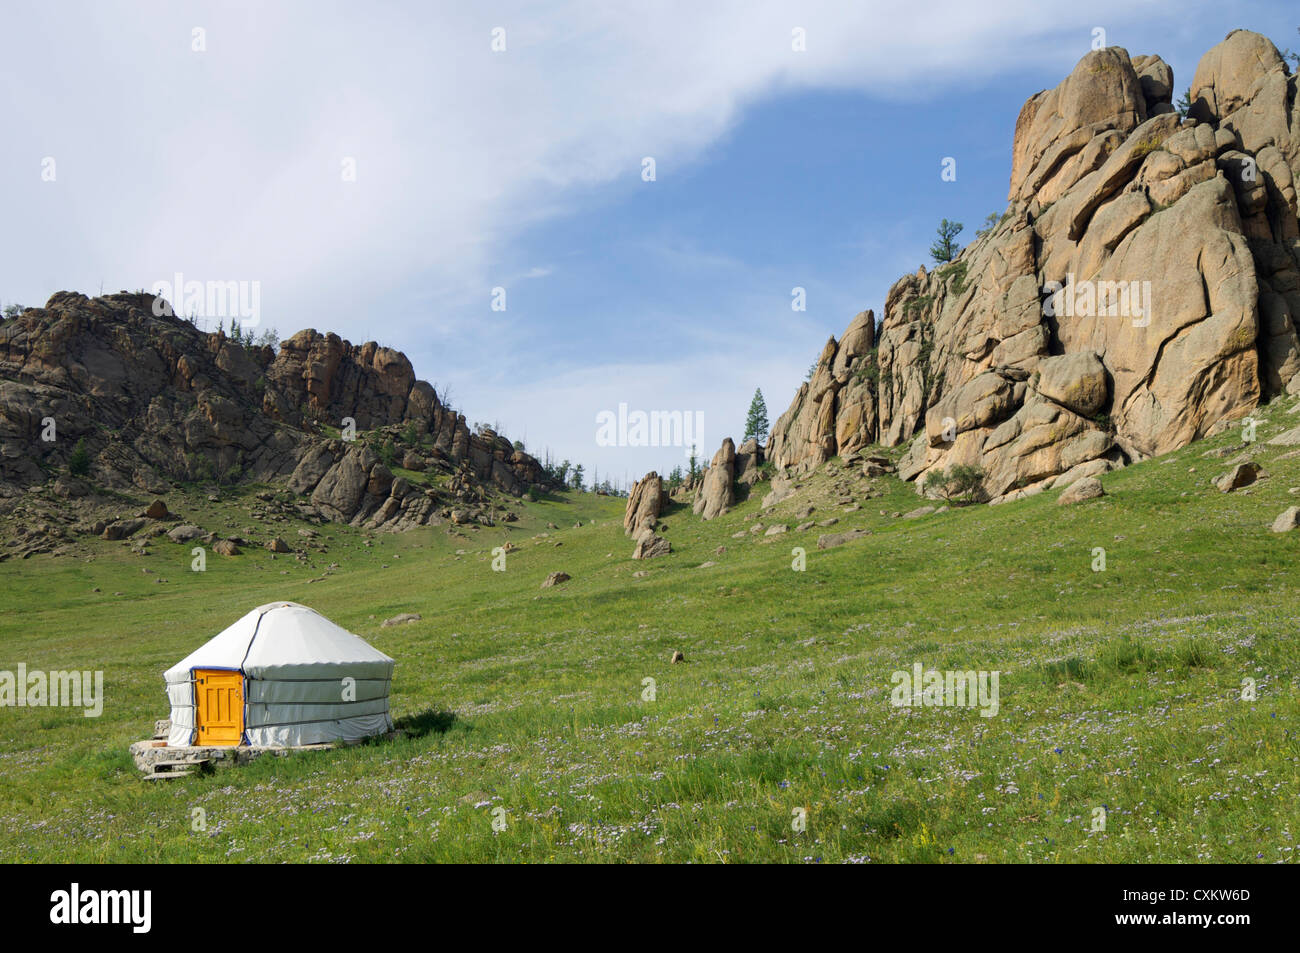 Mongolian ger in Gorkhi-Terelji National Park, Mongolia - Stock Image